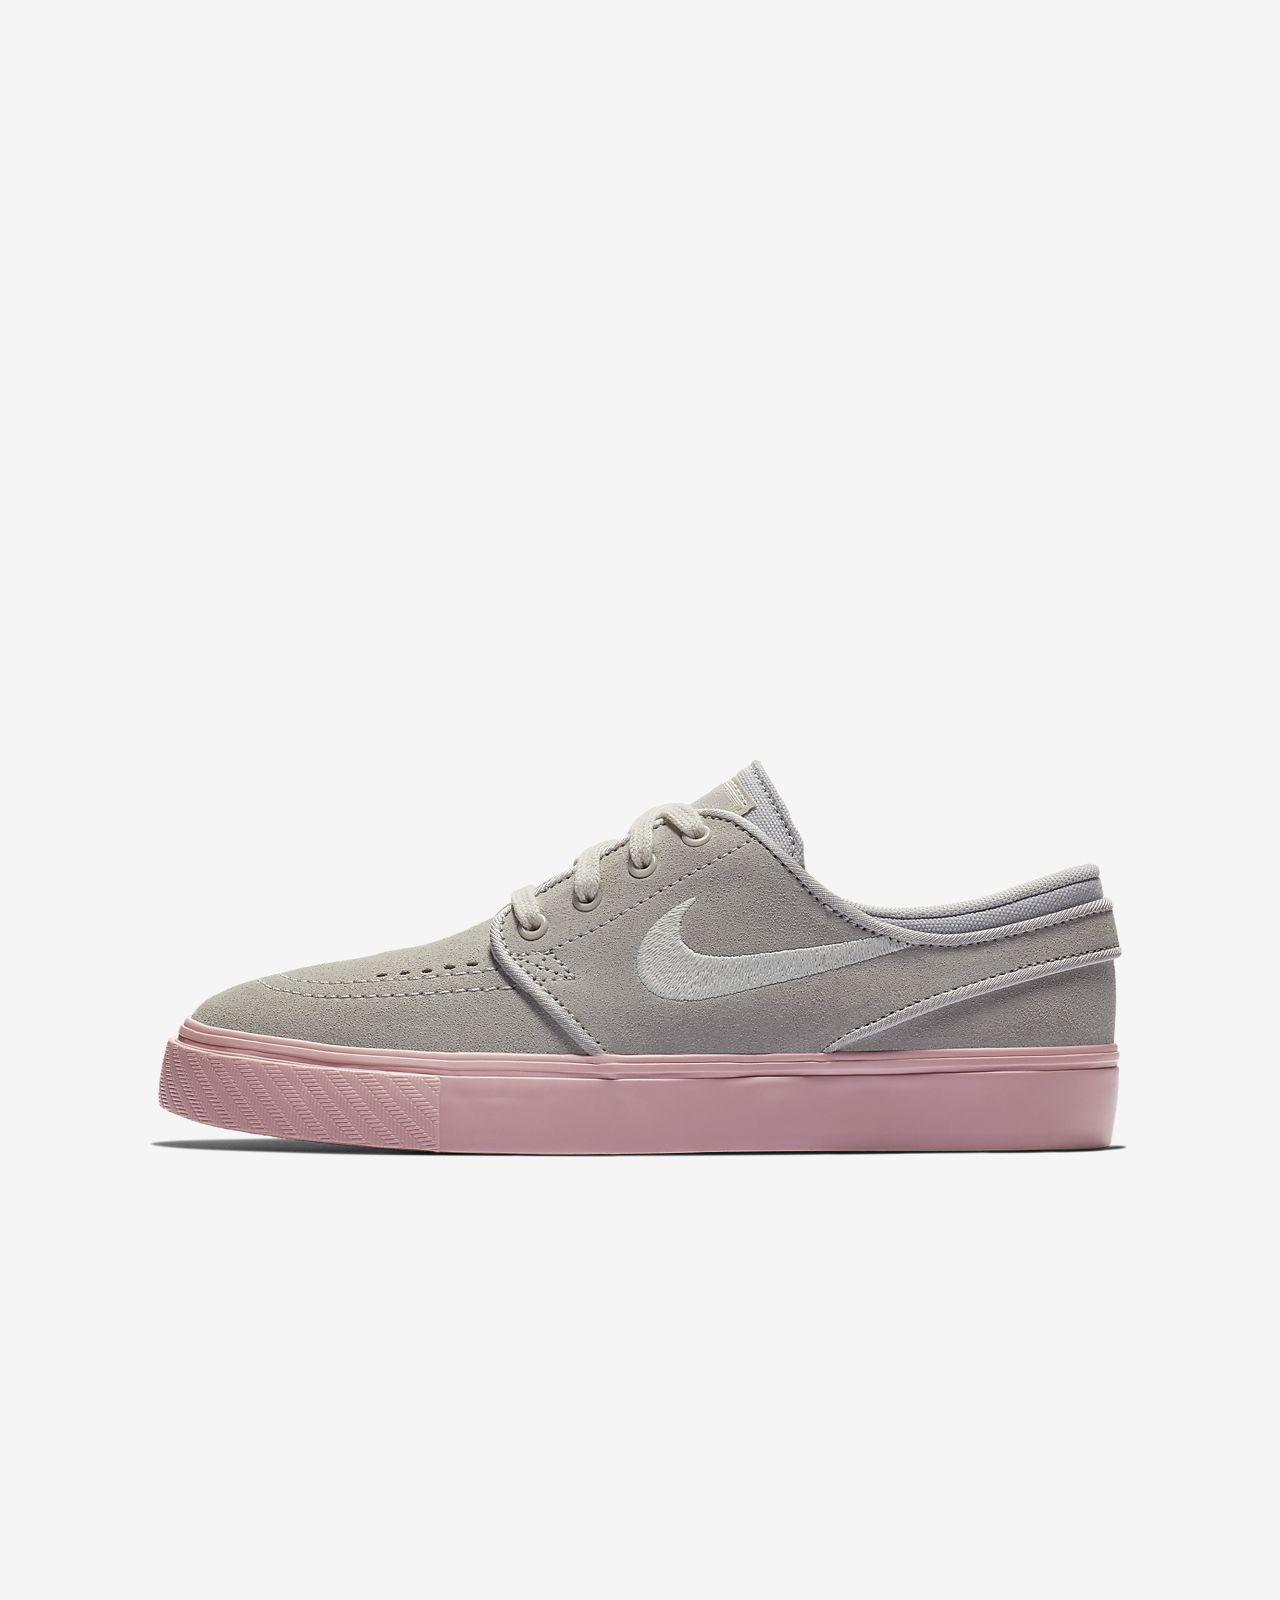 Nike Zoom Stefan Janoski Big Kids' Skateboarding Shoe